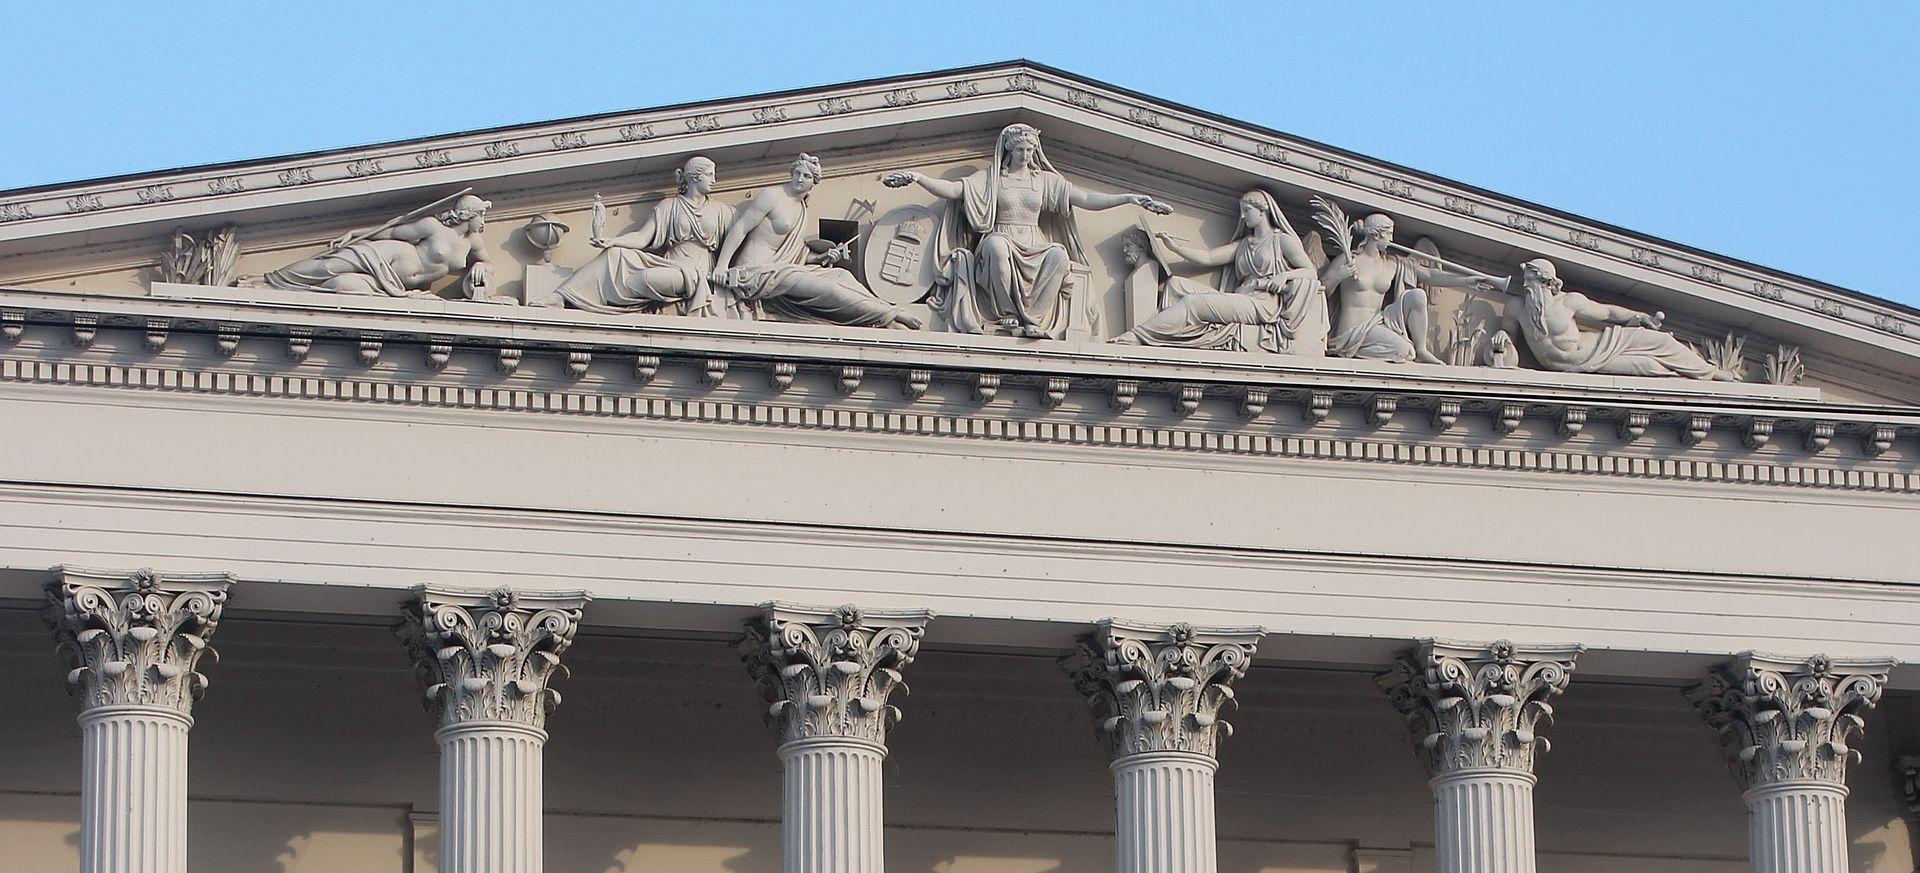 พิพิธภัณฑ์แห่งชาติฮังการี-รายละเอียด